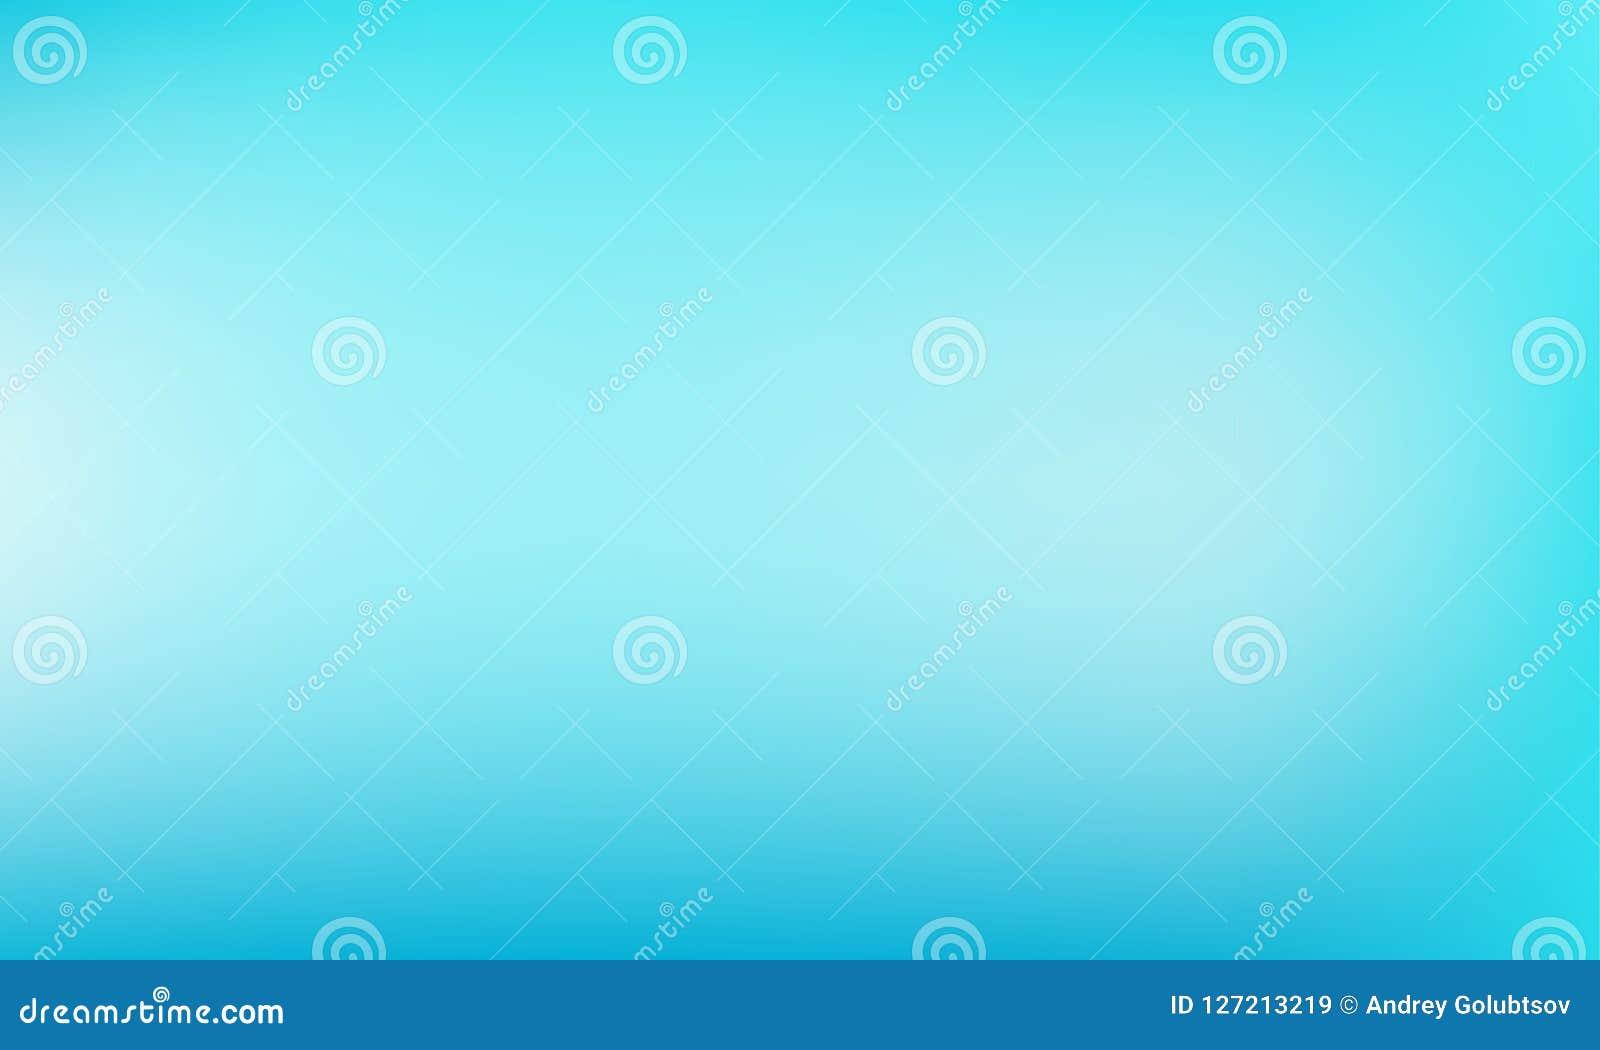 Lichtblauwe achtergrond De abstracte vectorachtergrond van de pastelkleur groenachtig-blauwe turkooise kleur